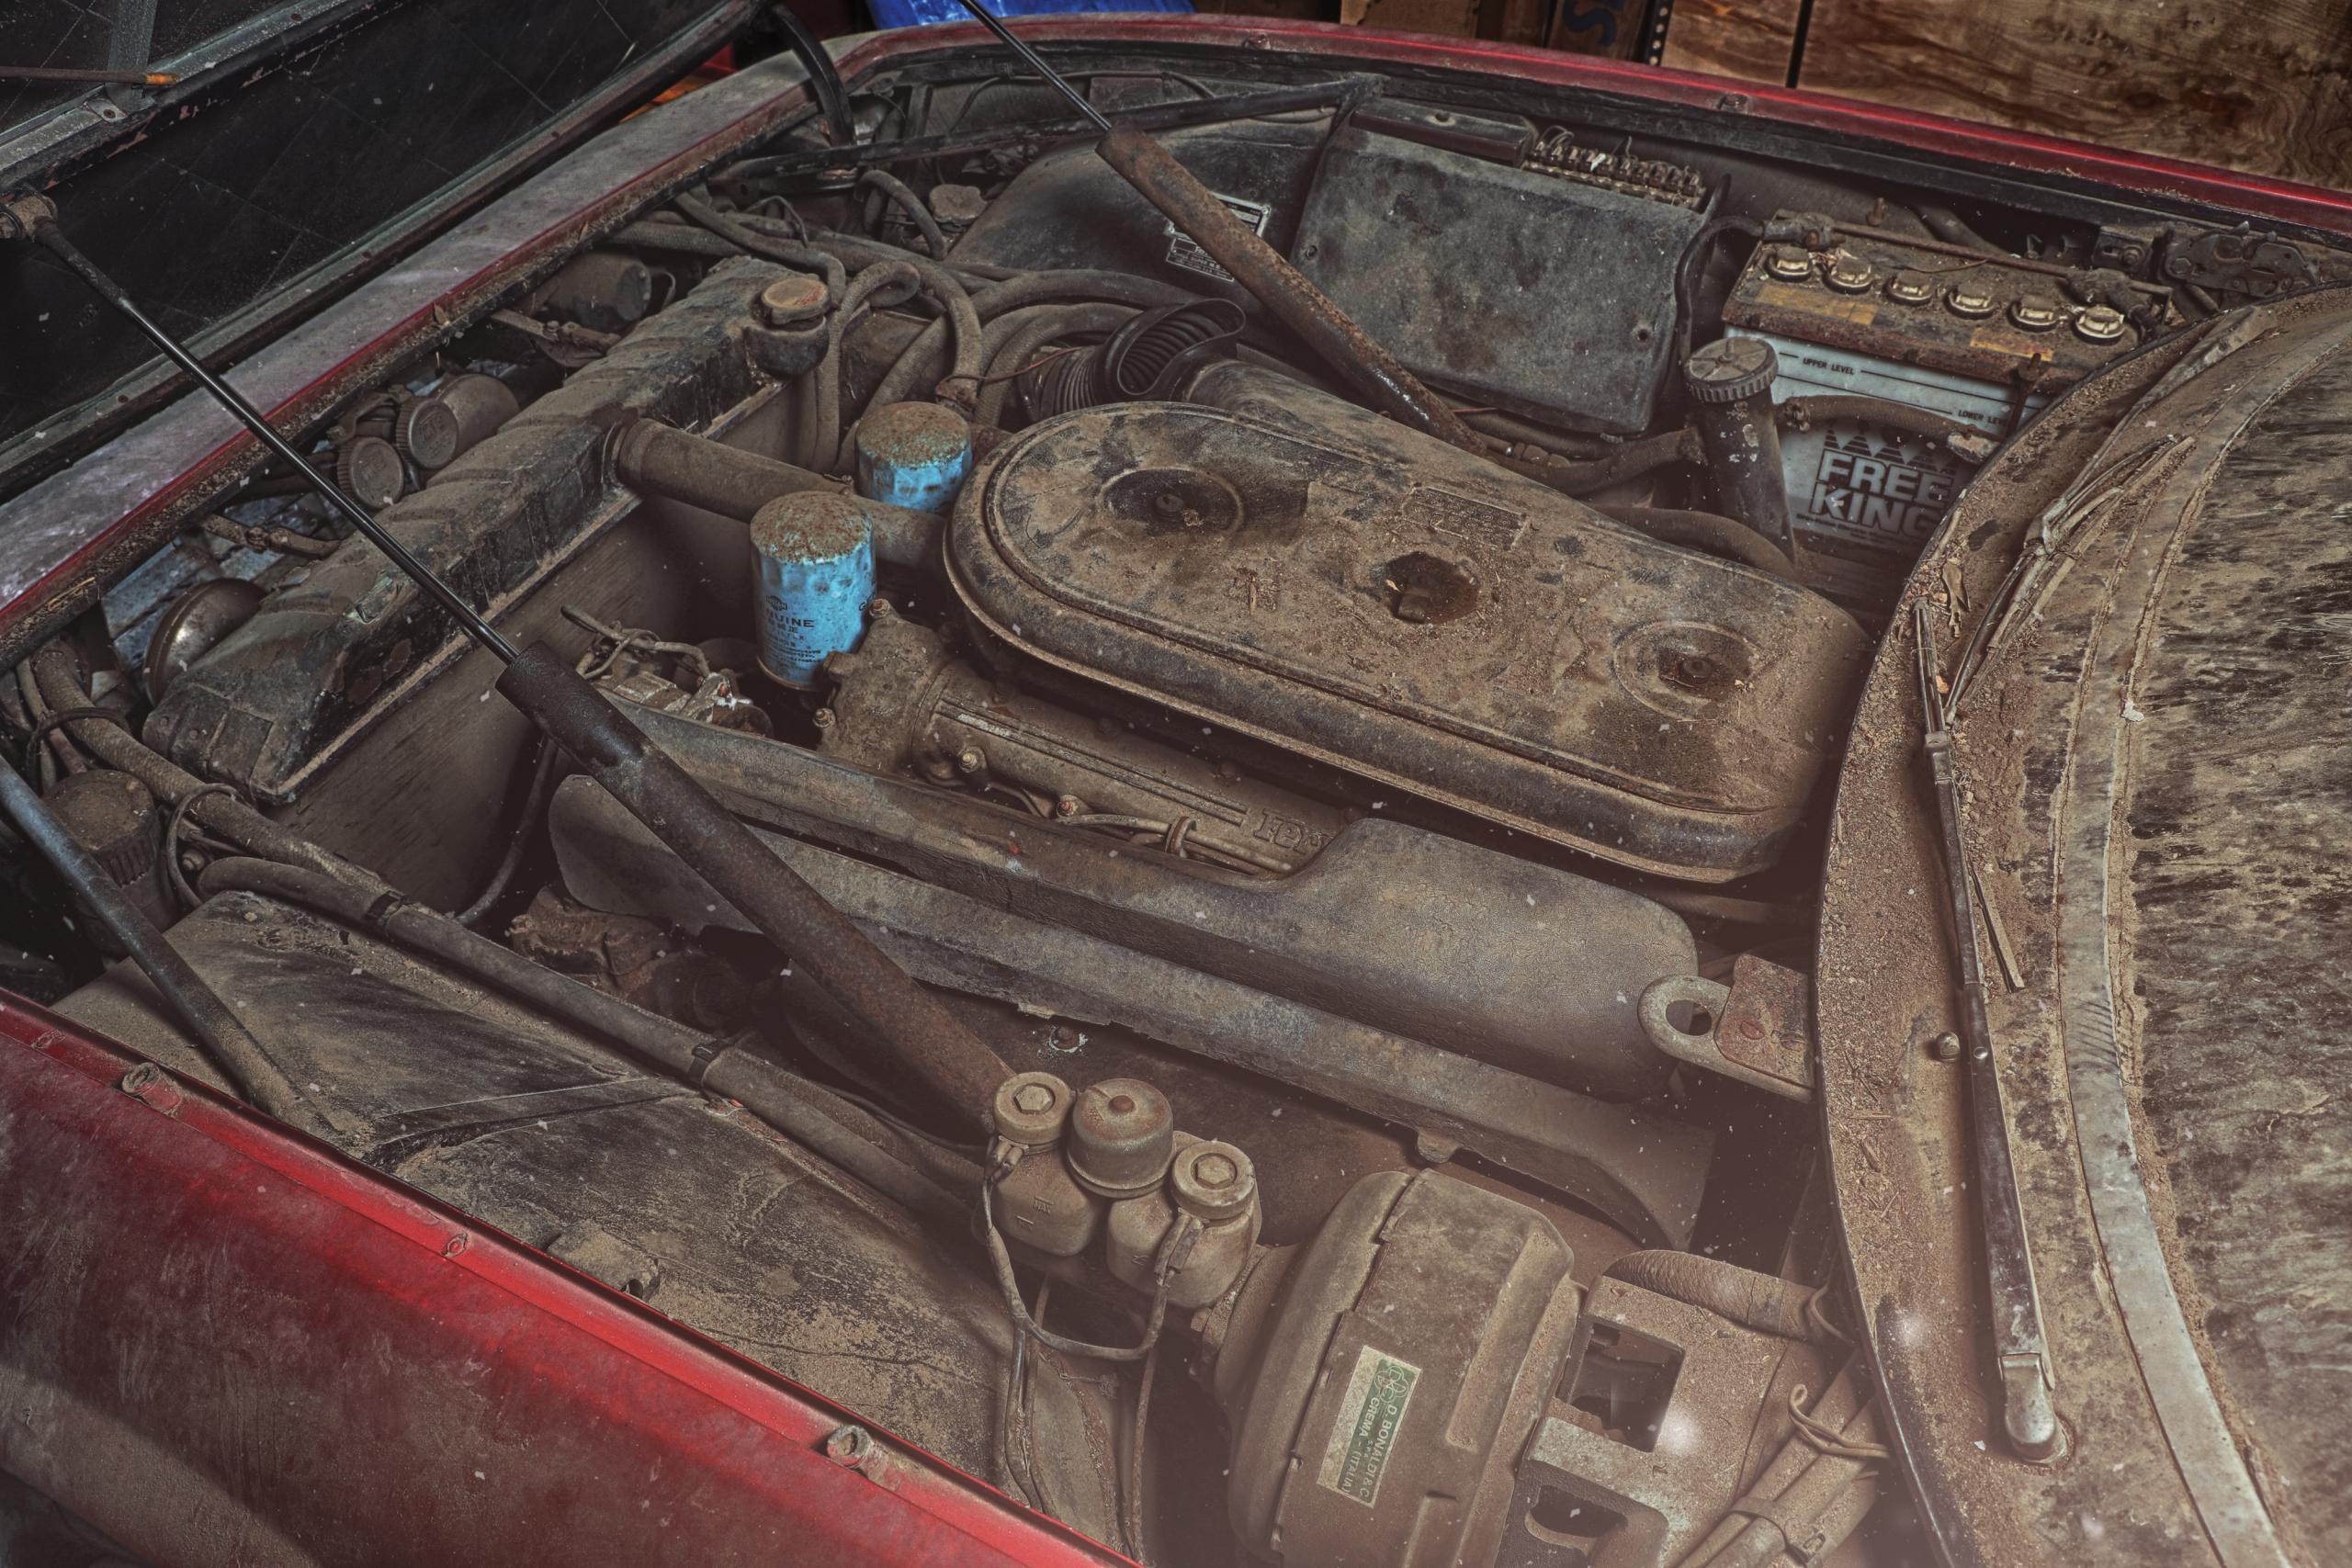 Ferrari 365 GTB/4 'Daytona' barn find engine